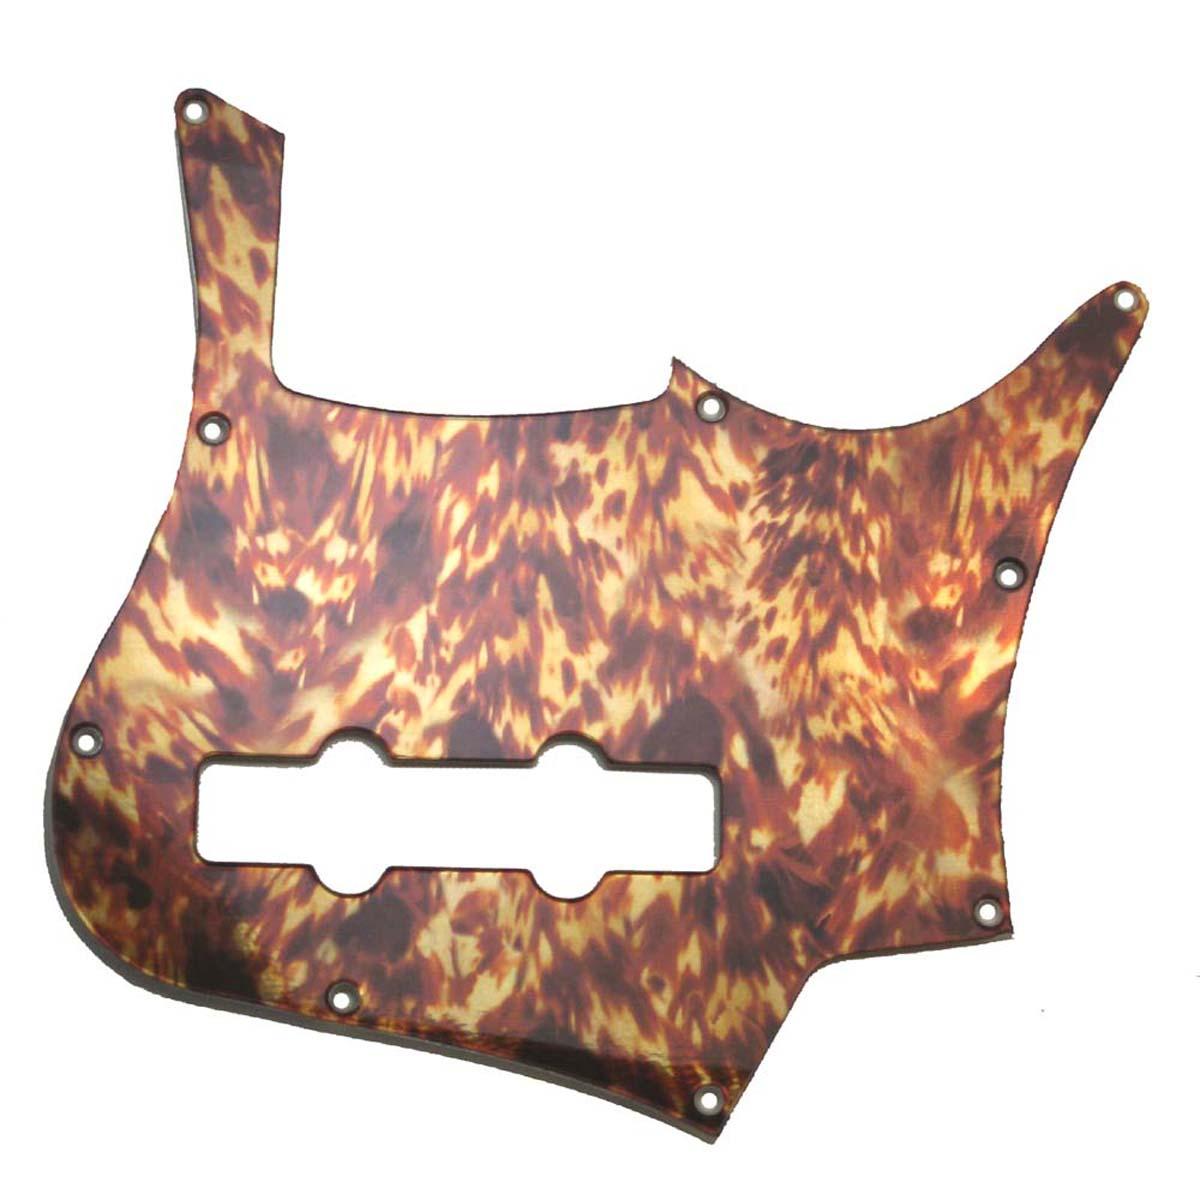 carvin sb5000 5 string bass pickguard 2 ply vintage gold tortoise special order. Black Bedroom Furniture Sets. Home Design Ideas